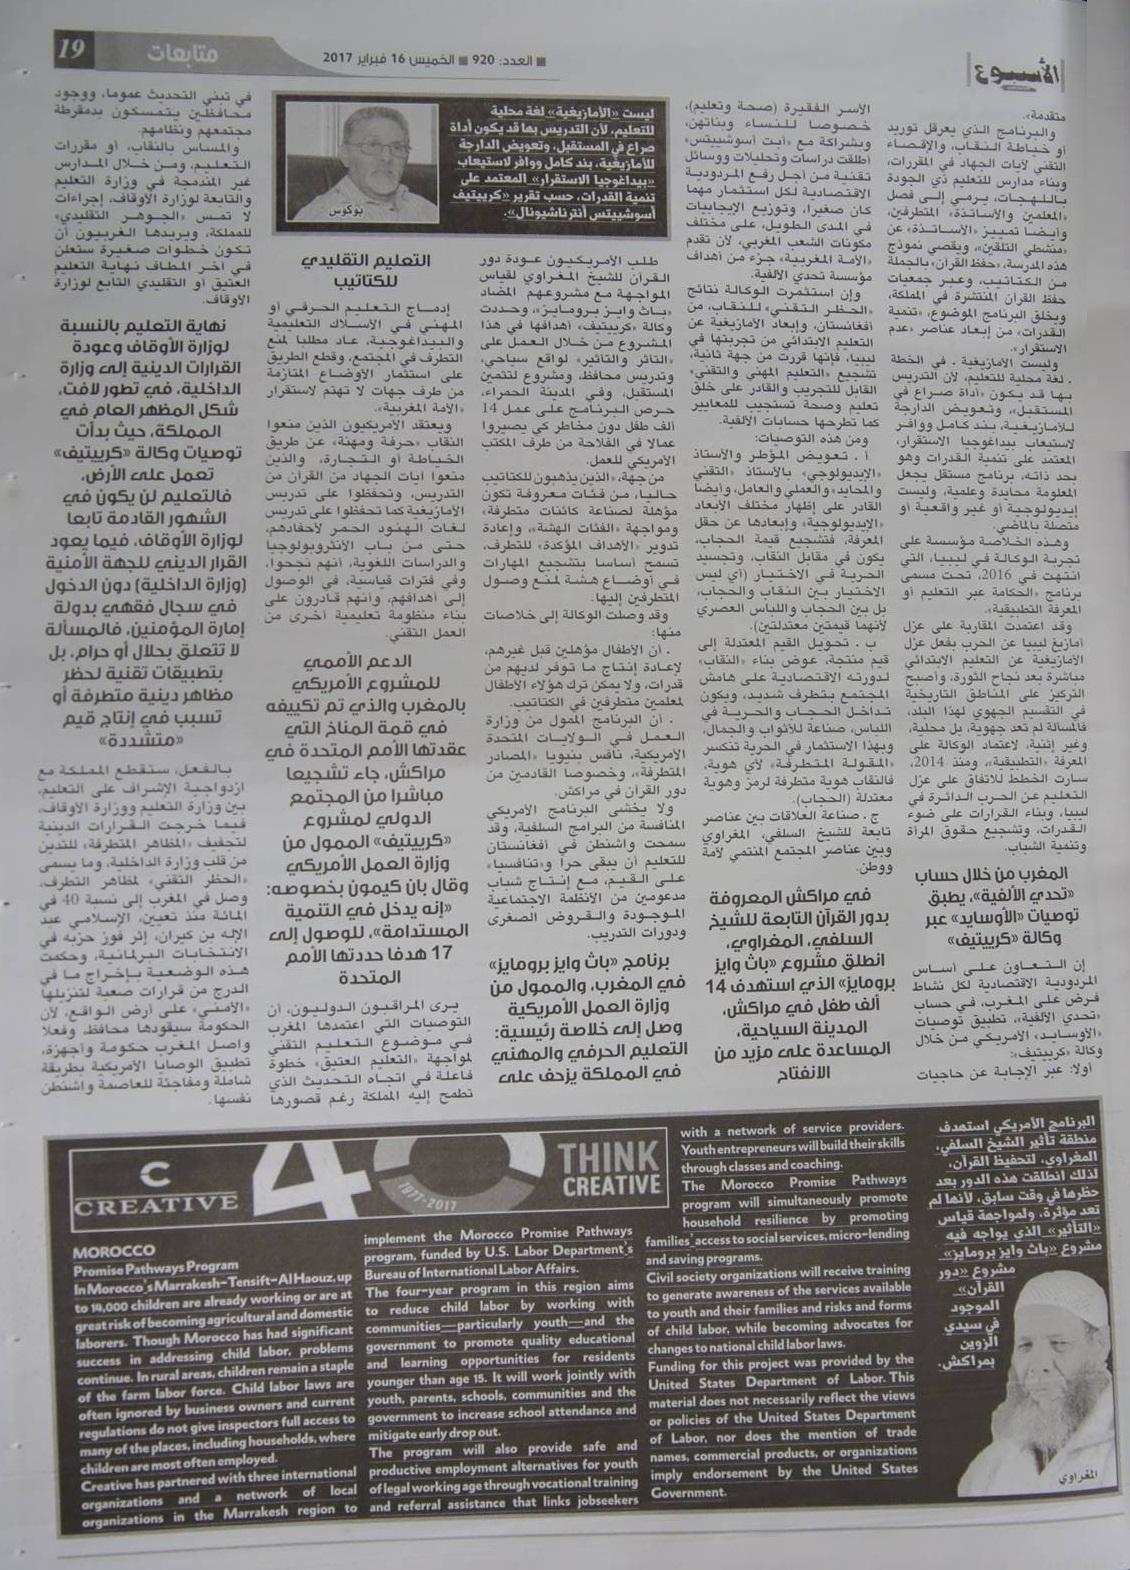 منع بيع النقاب وإزالة آيات الجهاد والتضييق على الحركات الإسلامية وحزب العدالة والتنمية قرارات وكالة أمريكية